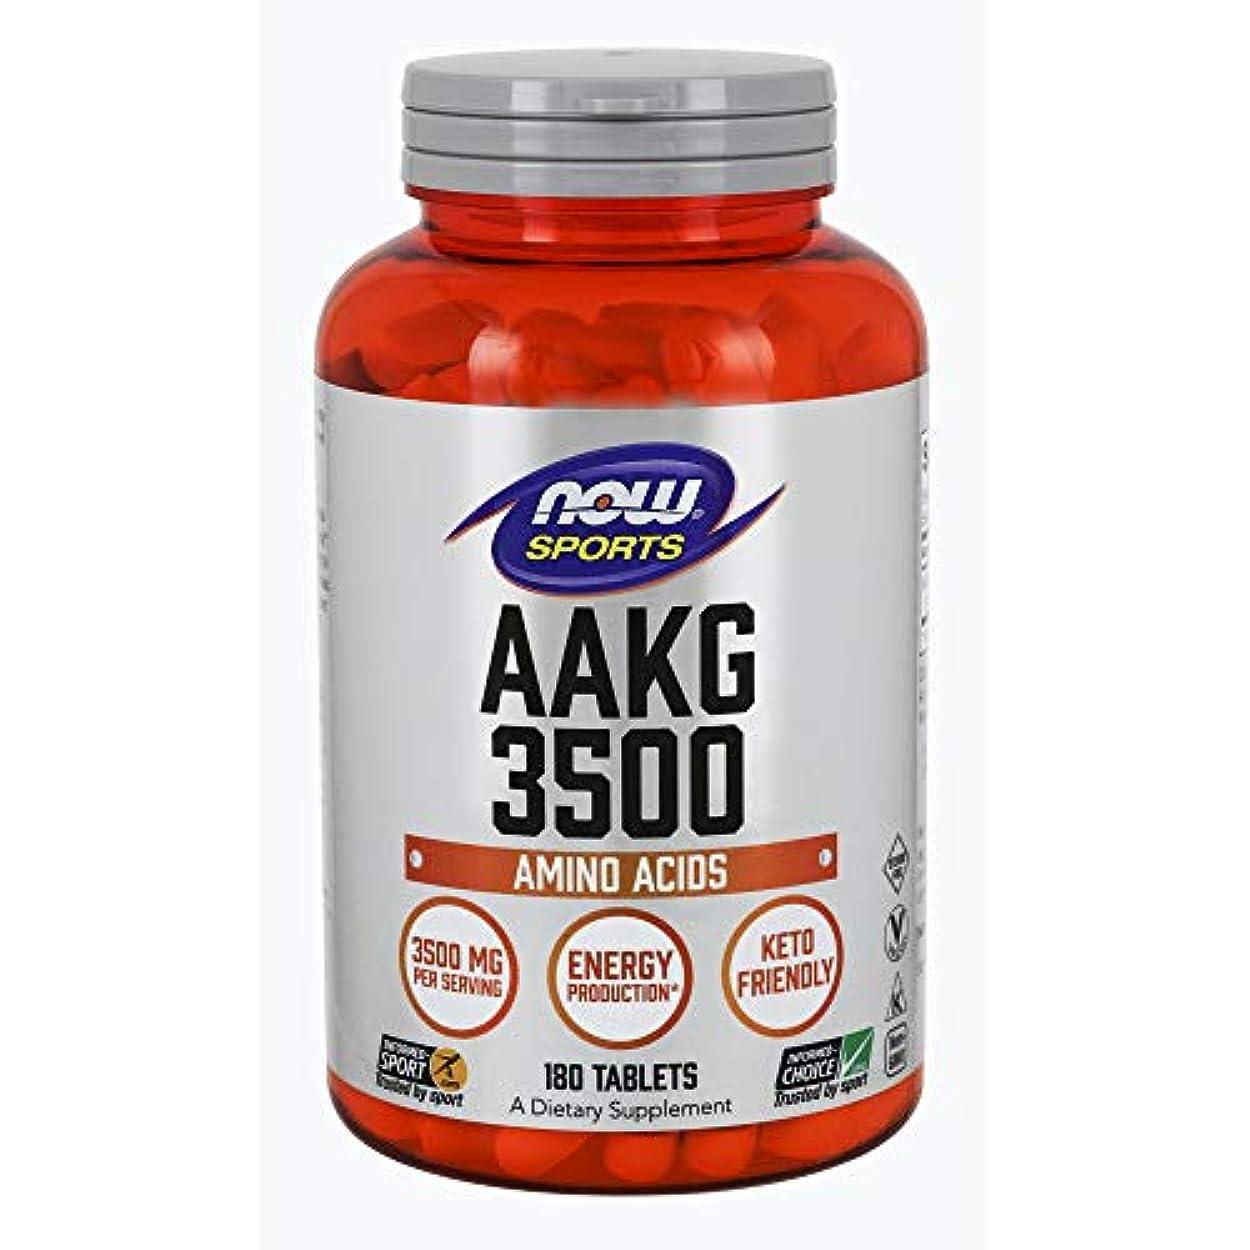 前進ゴネリル餌[海外直送品] ナウフーズ AAKG3500(L-アルギニン-アルファ-ケトグルタレイト) 180錠